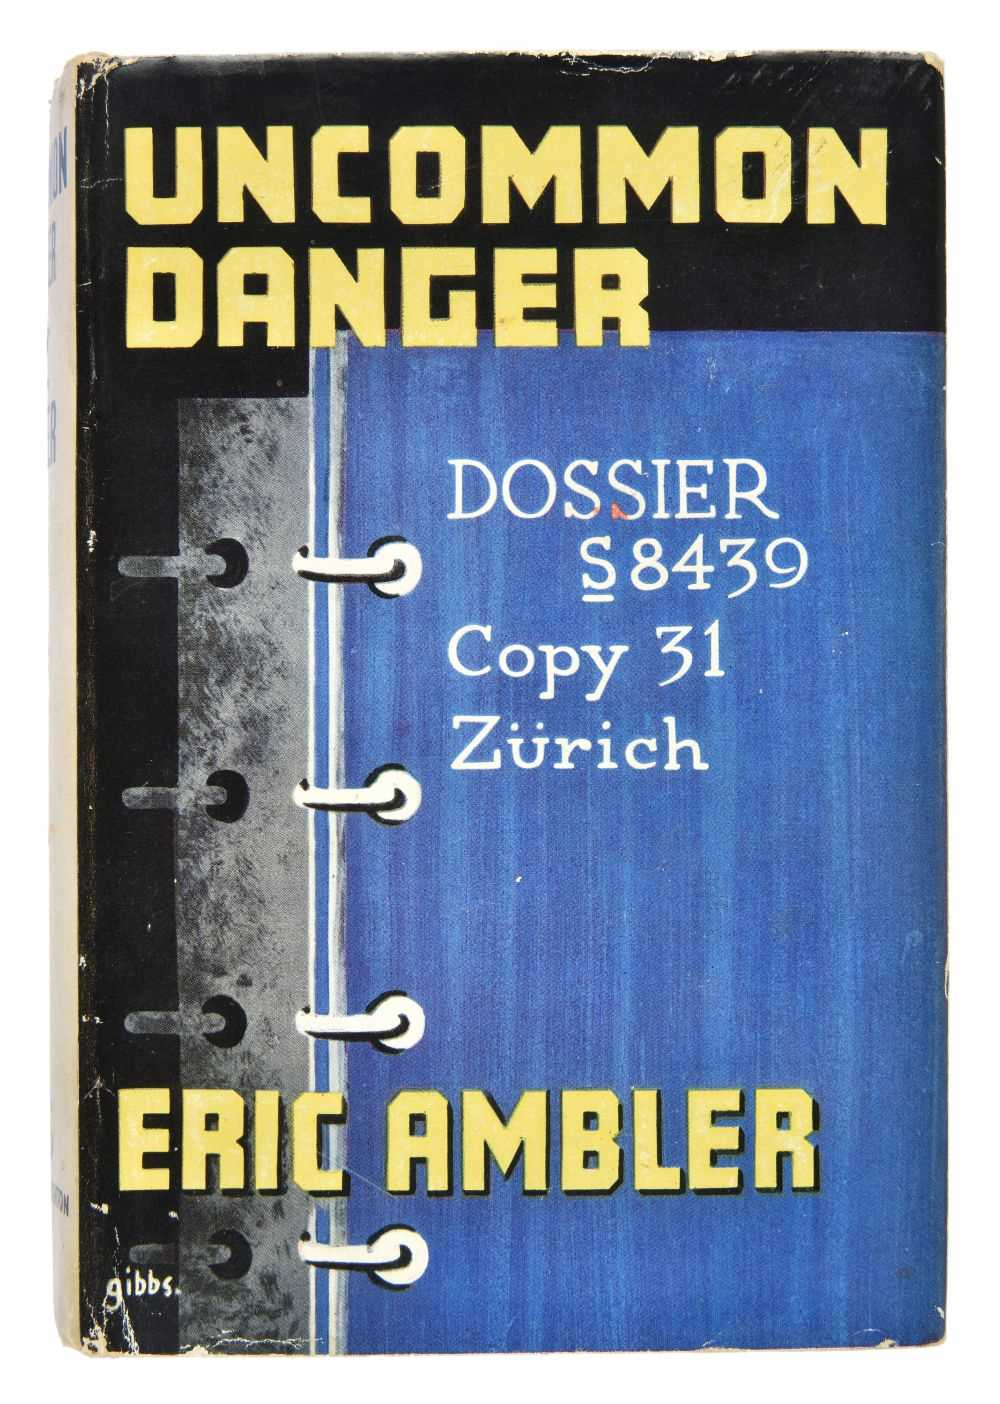 Lot 639-Ambler (Eric). Uncommon Danger, 1st edition, 1937